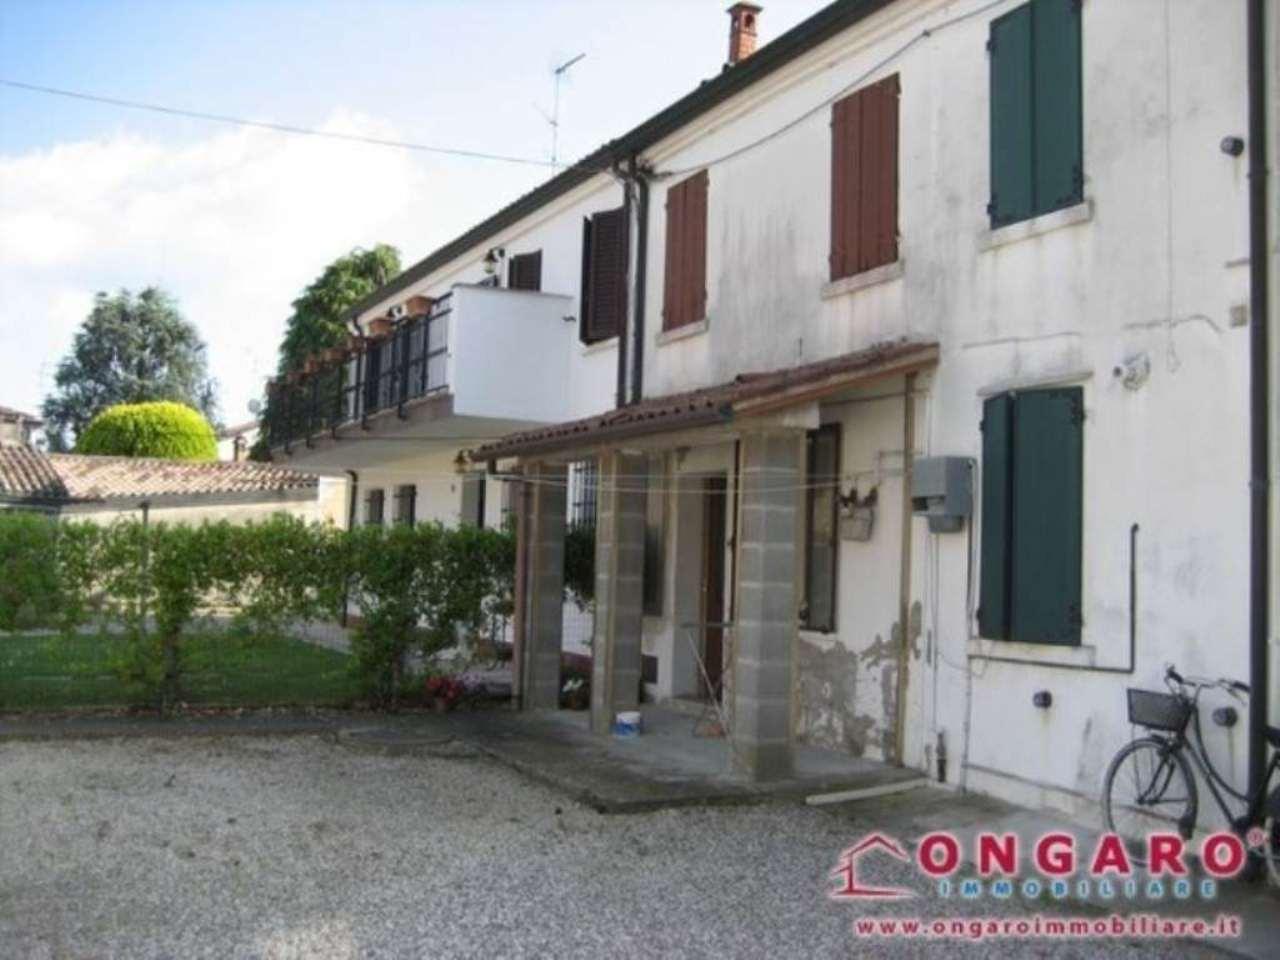 Soluzione Indipendente in vendita a Copparo, 2 locali, prezzo € 35.000 | Cambio Casa.it